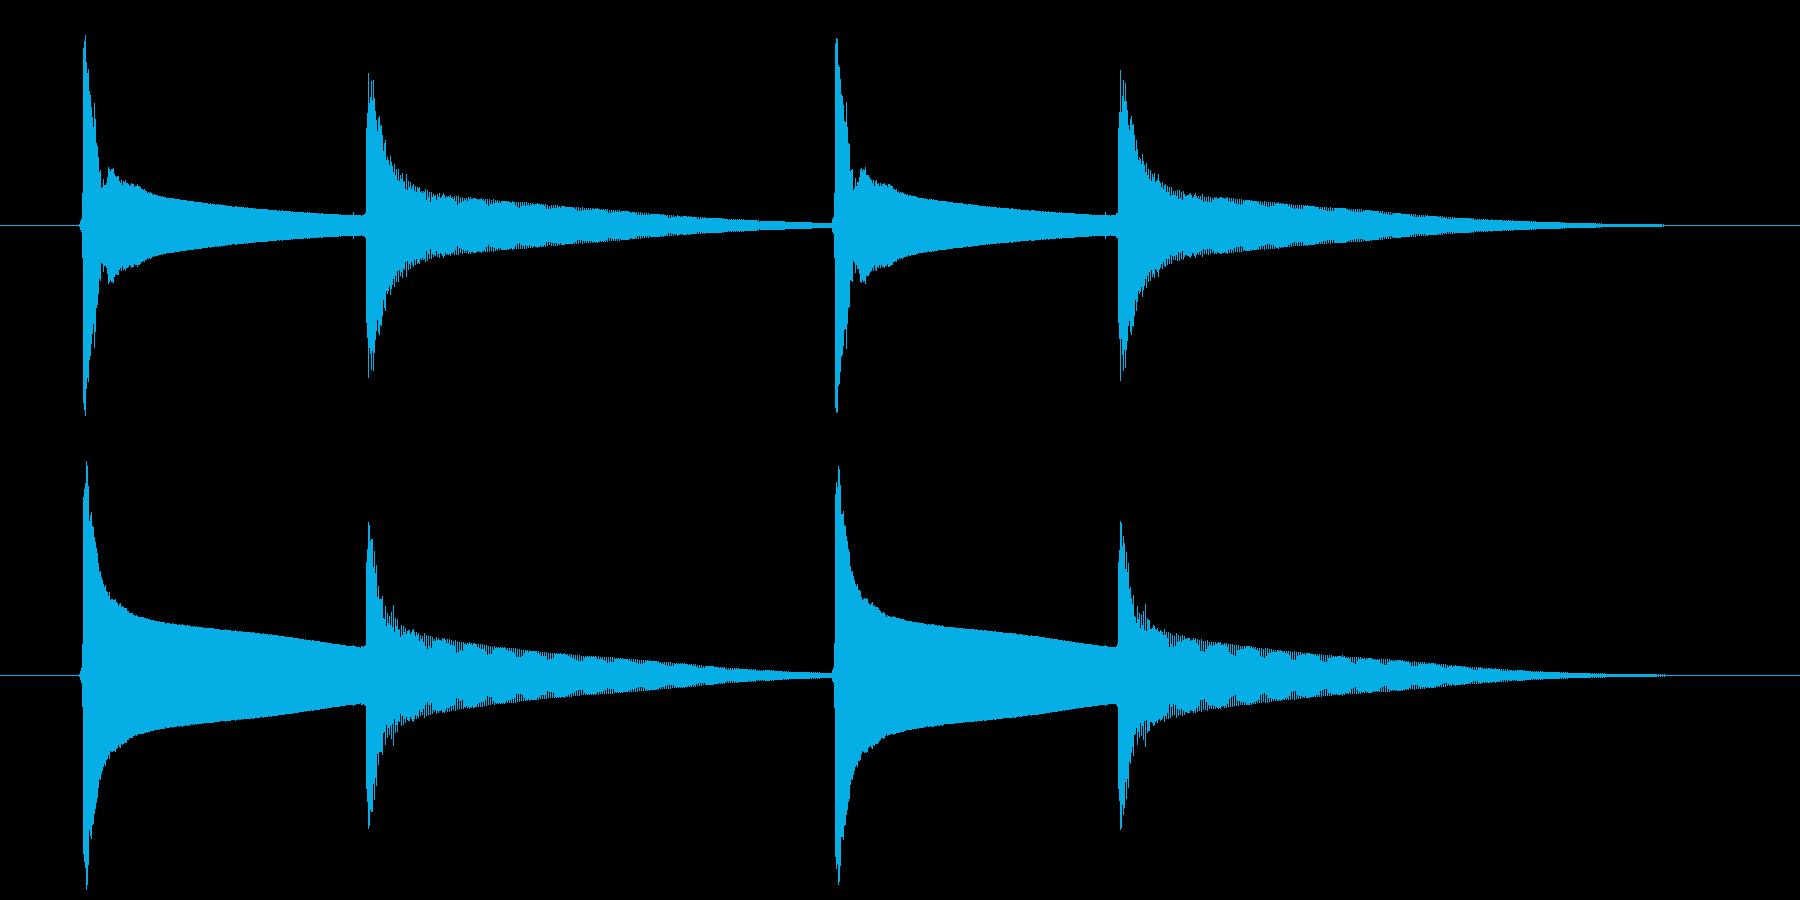 【生録音】ピンポンピンポン(速度-遅め)の再生済みの波形